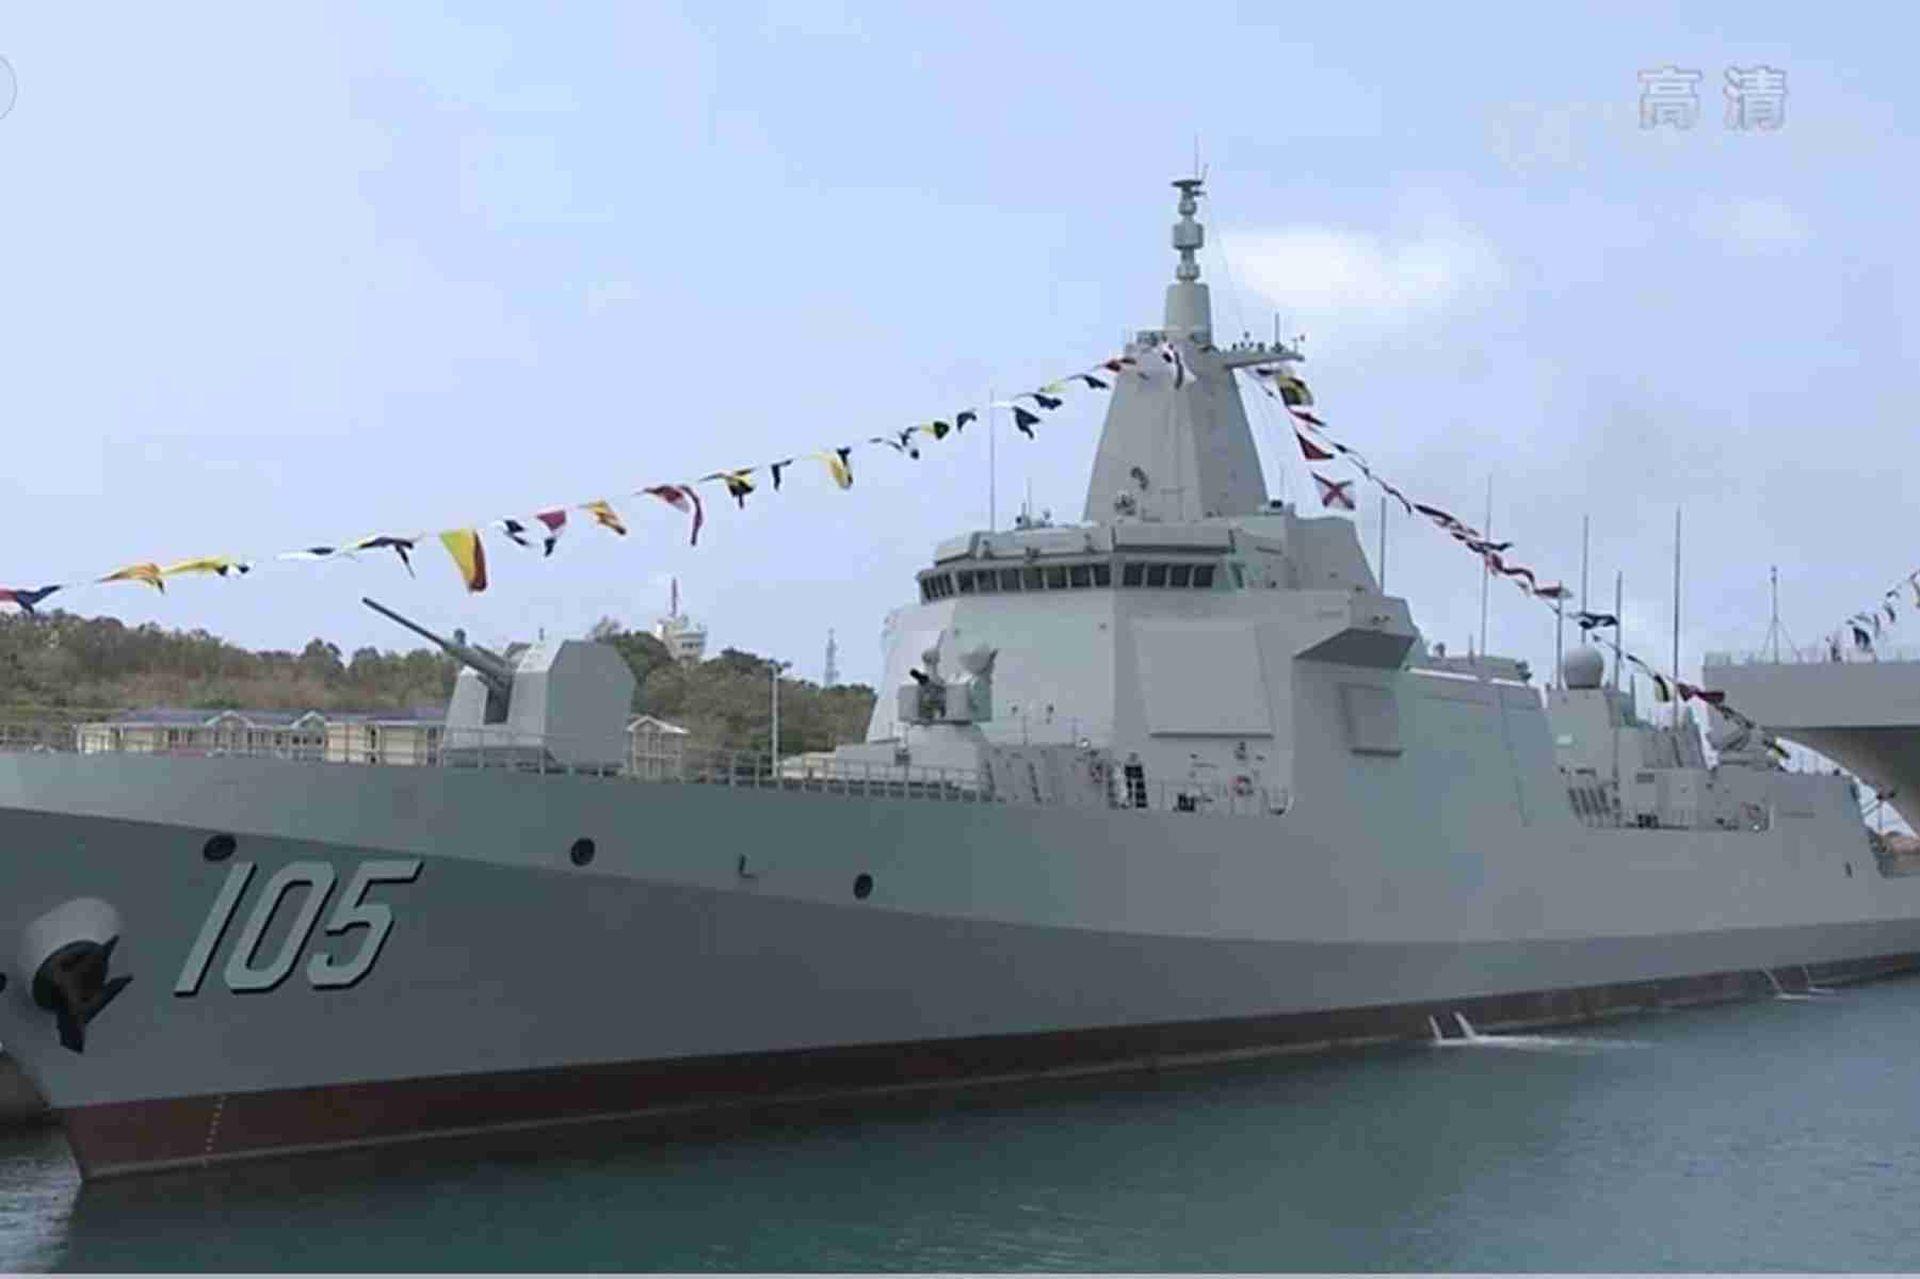 第3艘055入役只是开始!后续5艘055都在今年入列?中华神盾达33艘